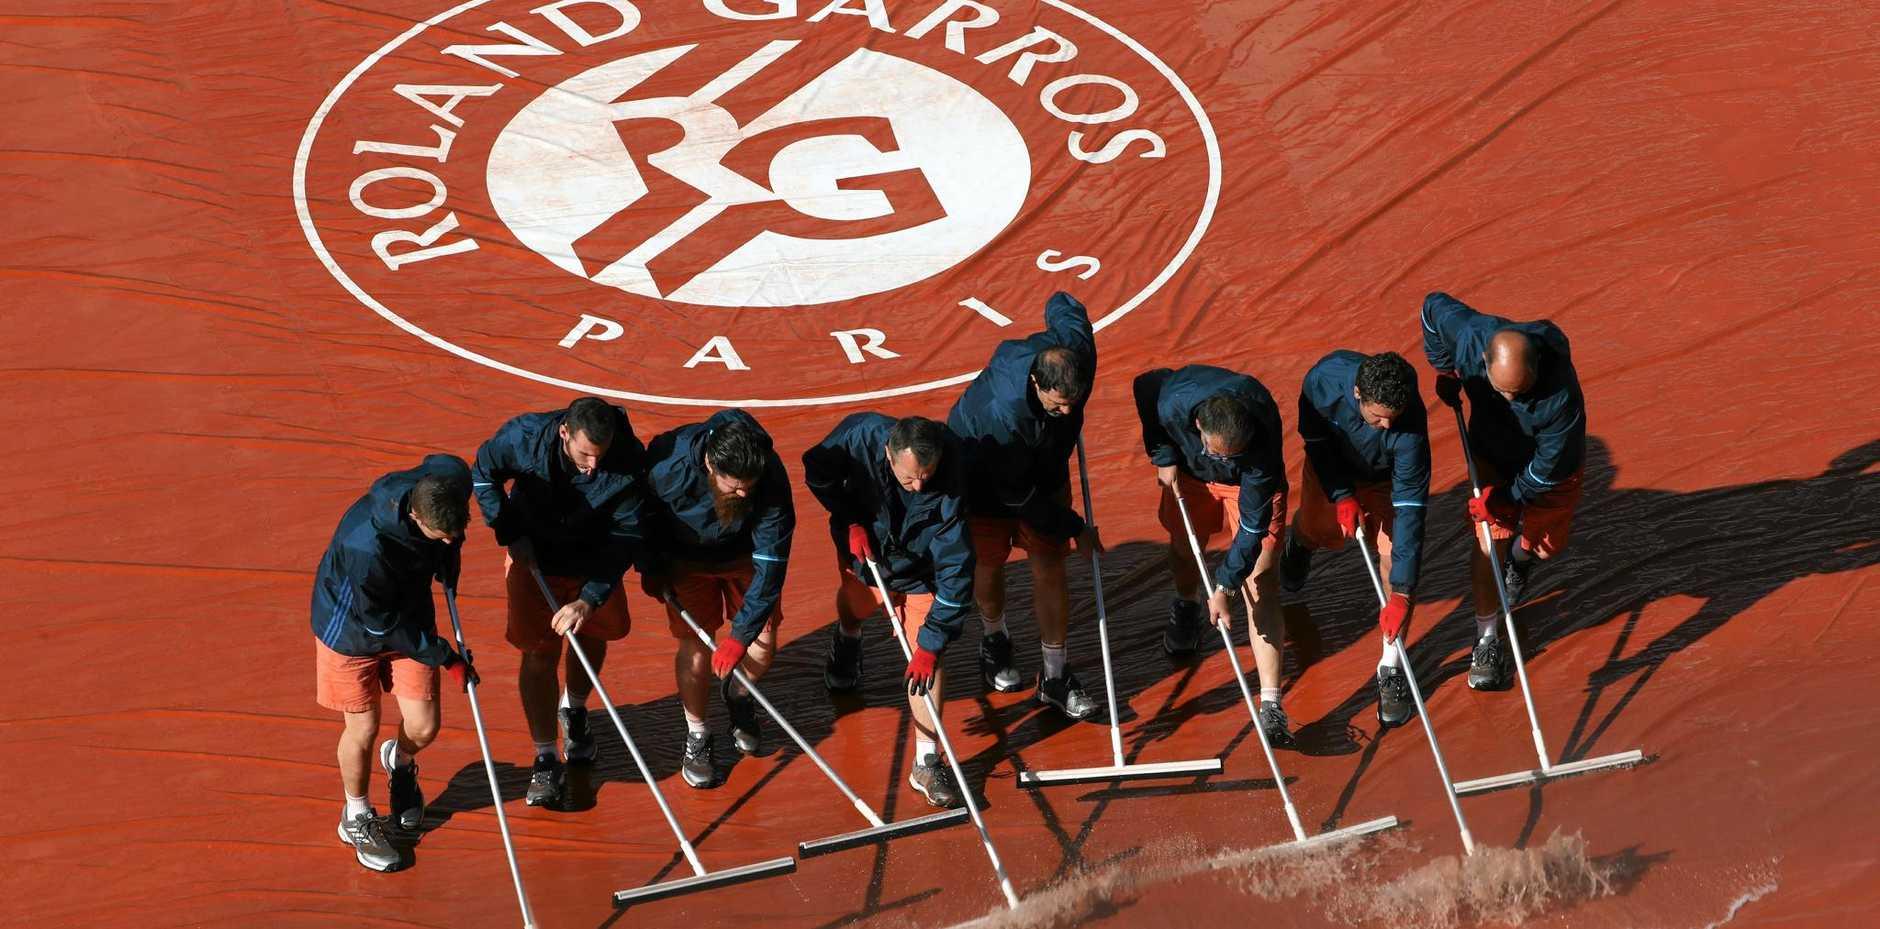 Staff at Roland Garros in Paris